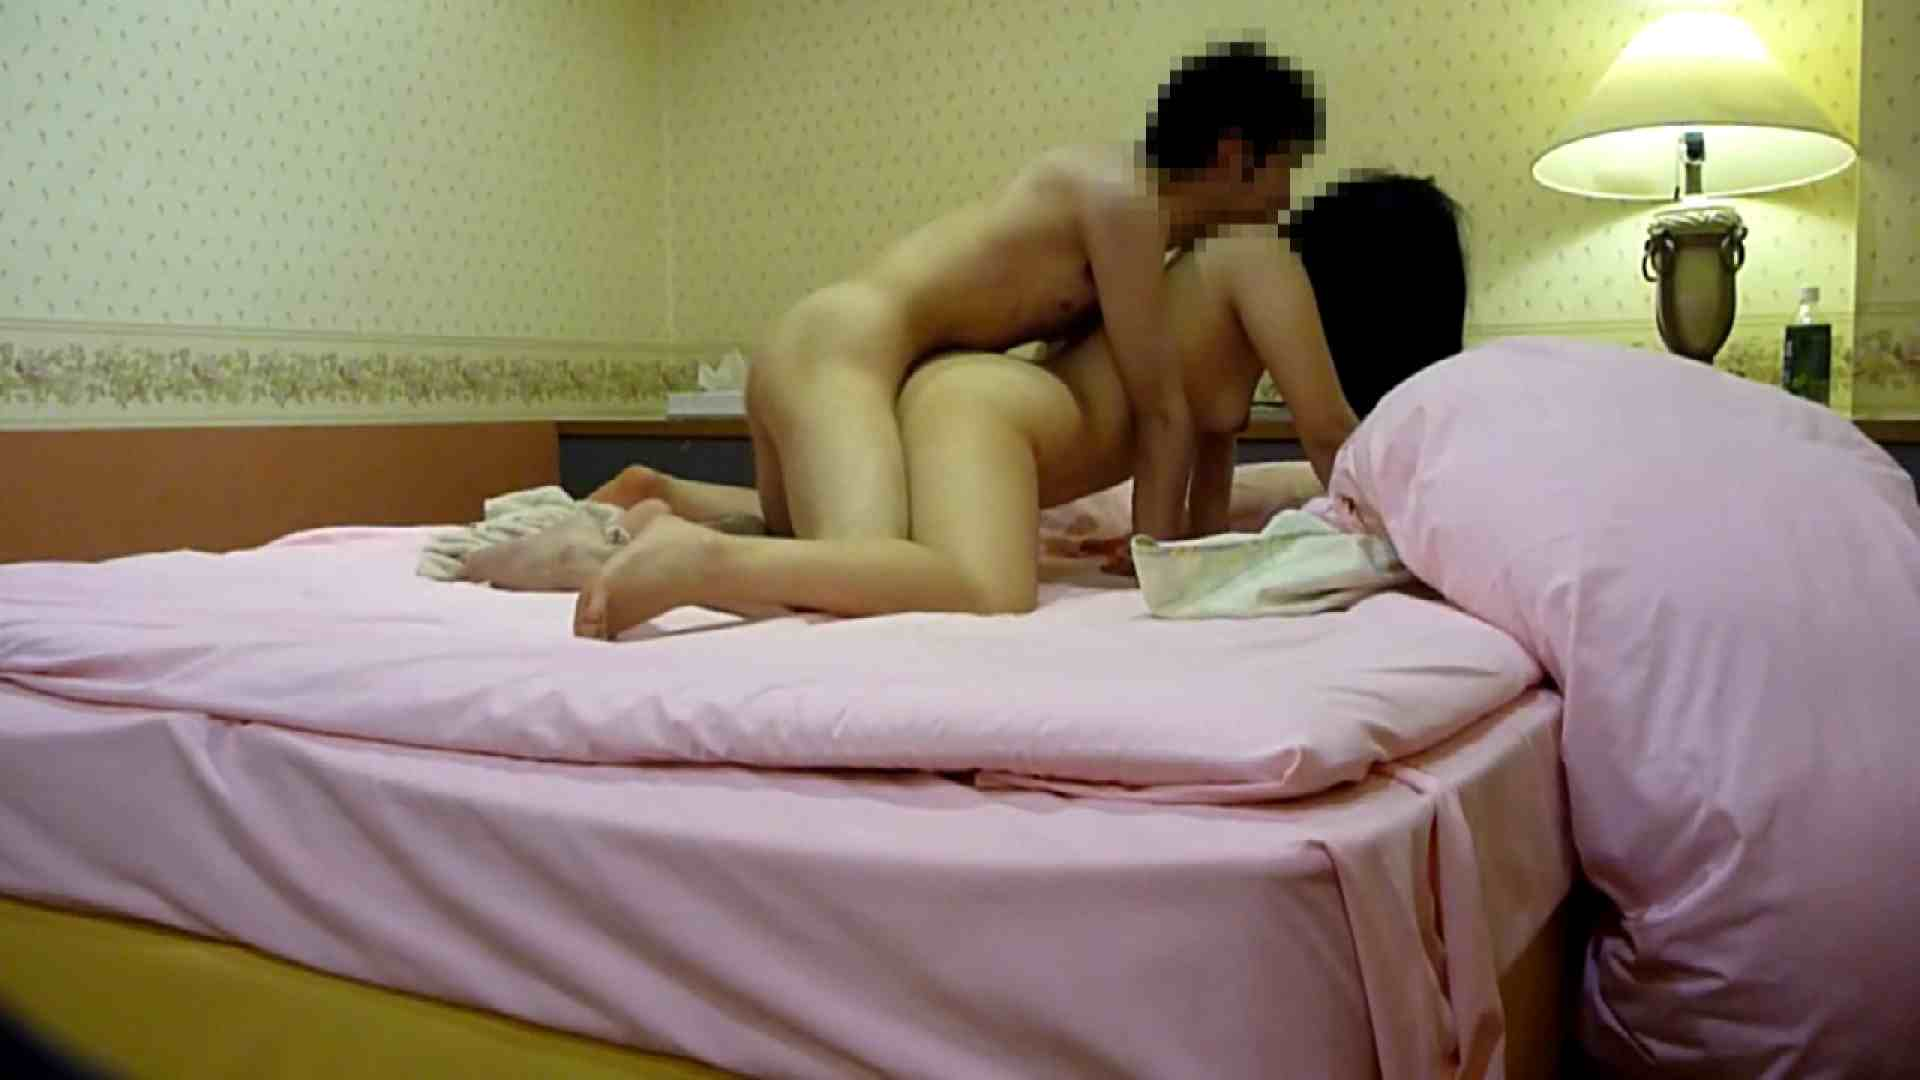 【完全素人投稿】誰にしようか!?やりチン健太の本日もデリ嬢いただきま~す!!05 投稿 セックス画像 107枚 62